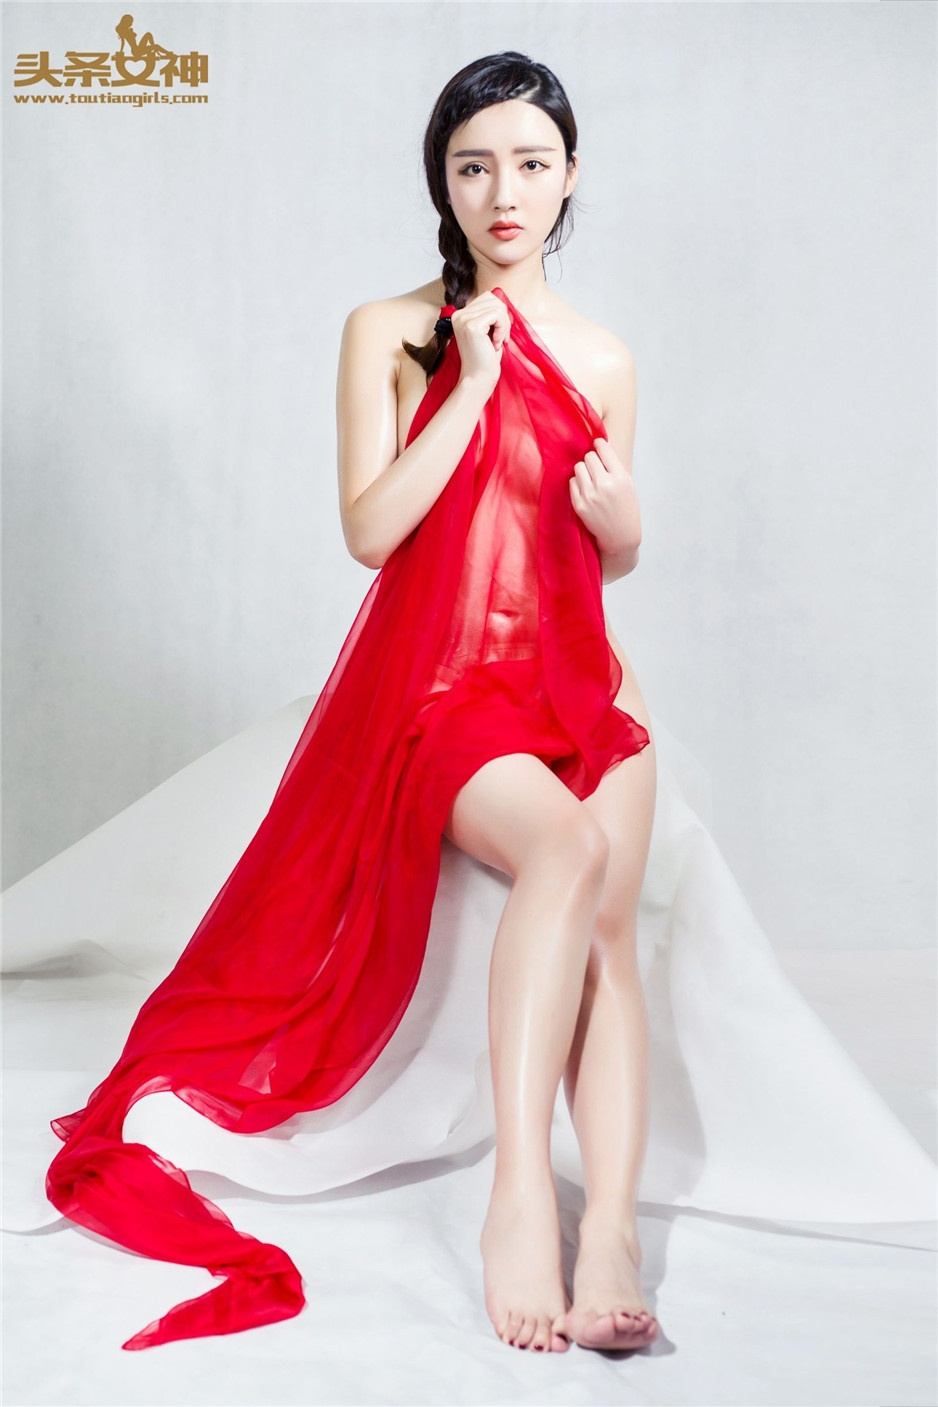 中国美女郭婷婷透明薄纱人体艺术图片